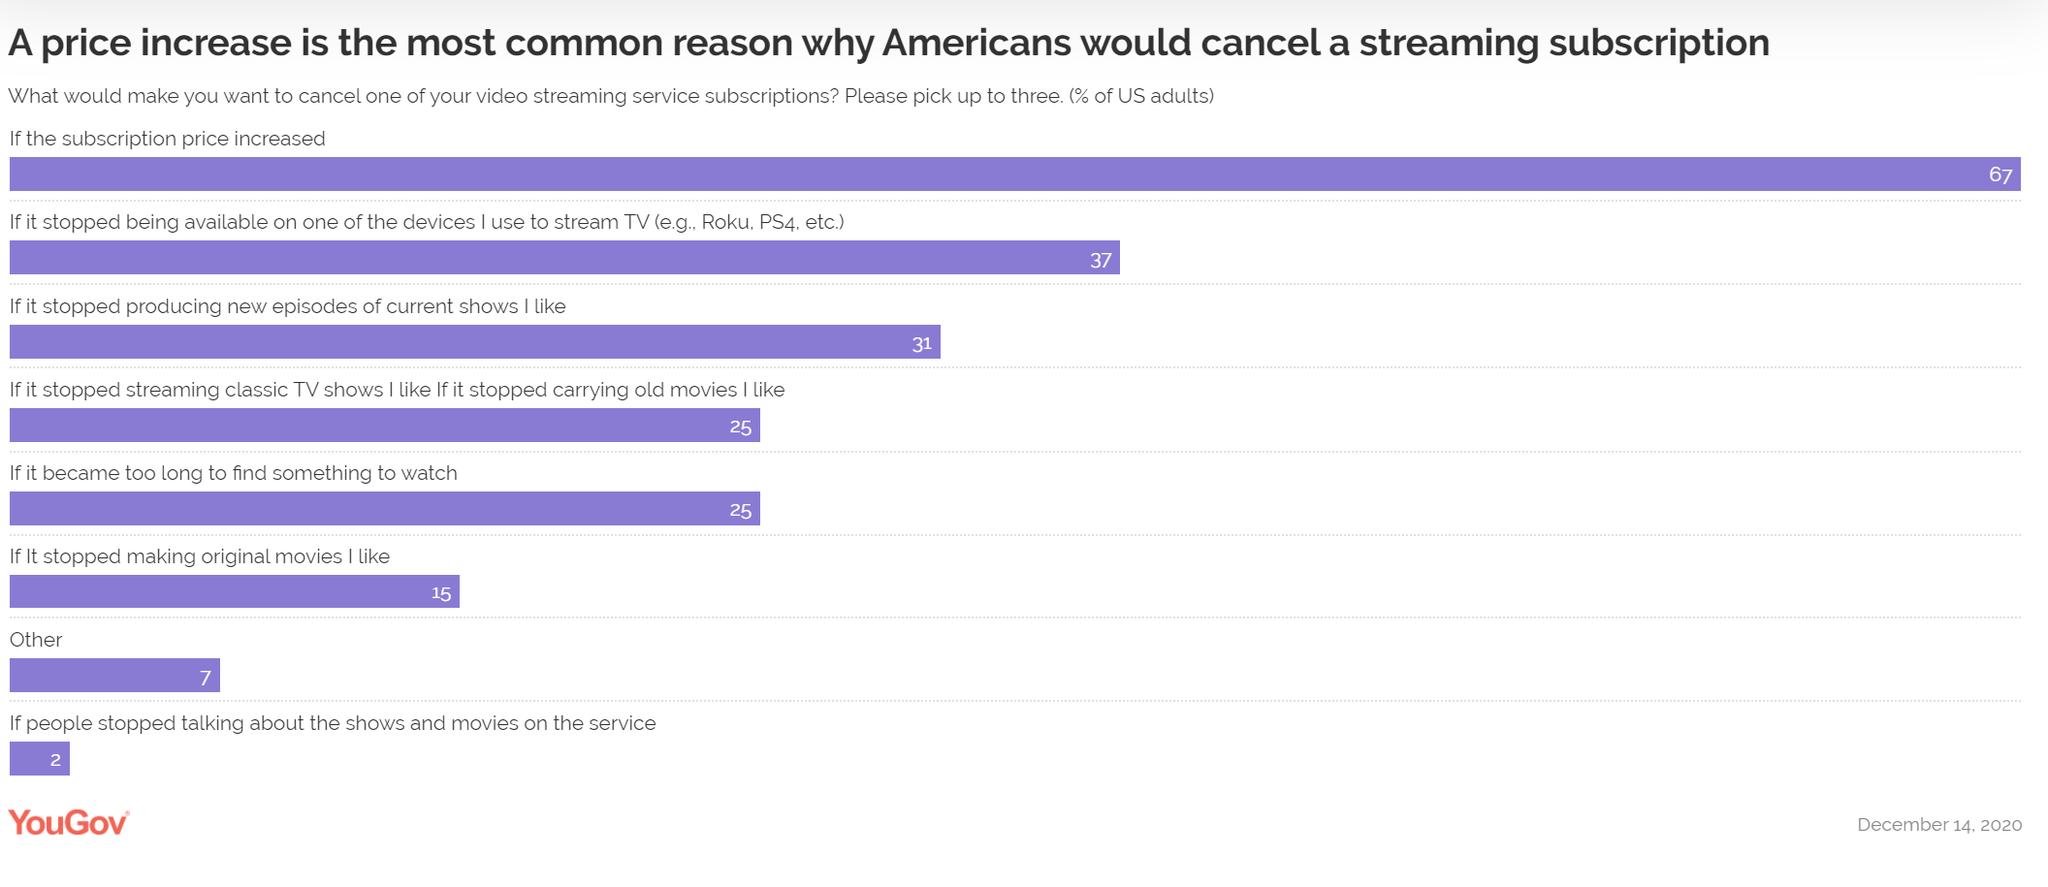 YouGov:超过2/3的美国人会因为价格上涨退订流媒体